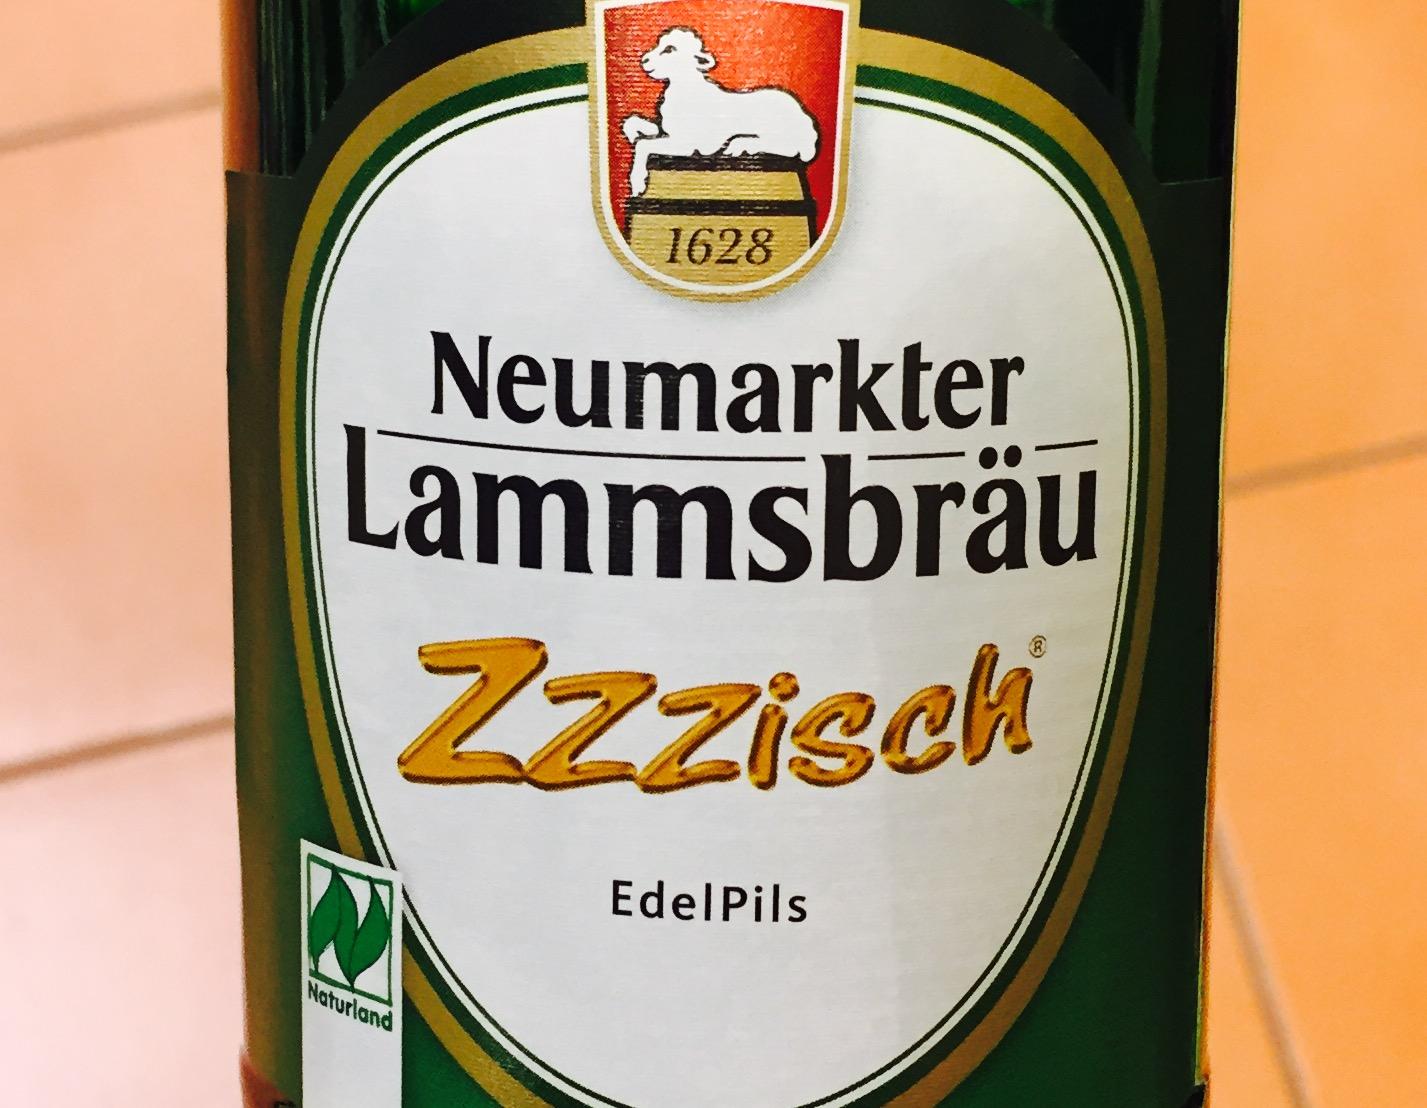 Neumarkter Lammsbräu - Zzzisch Edellpils